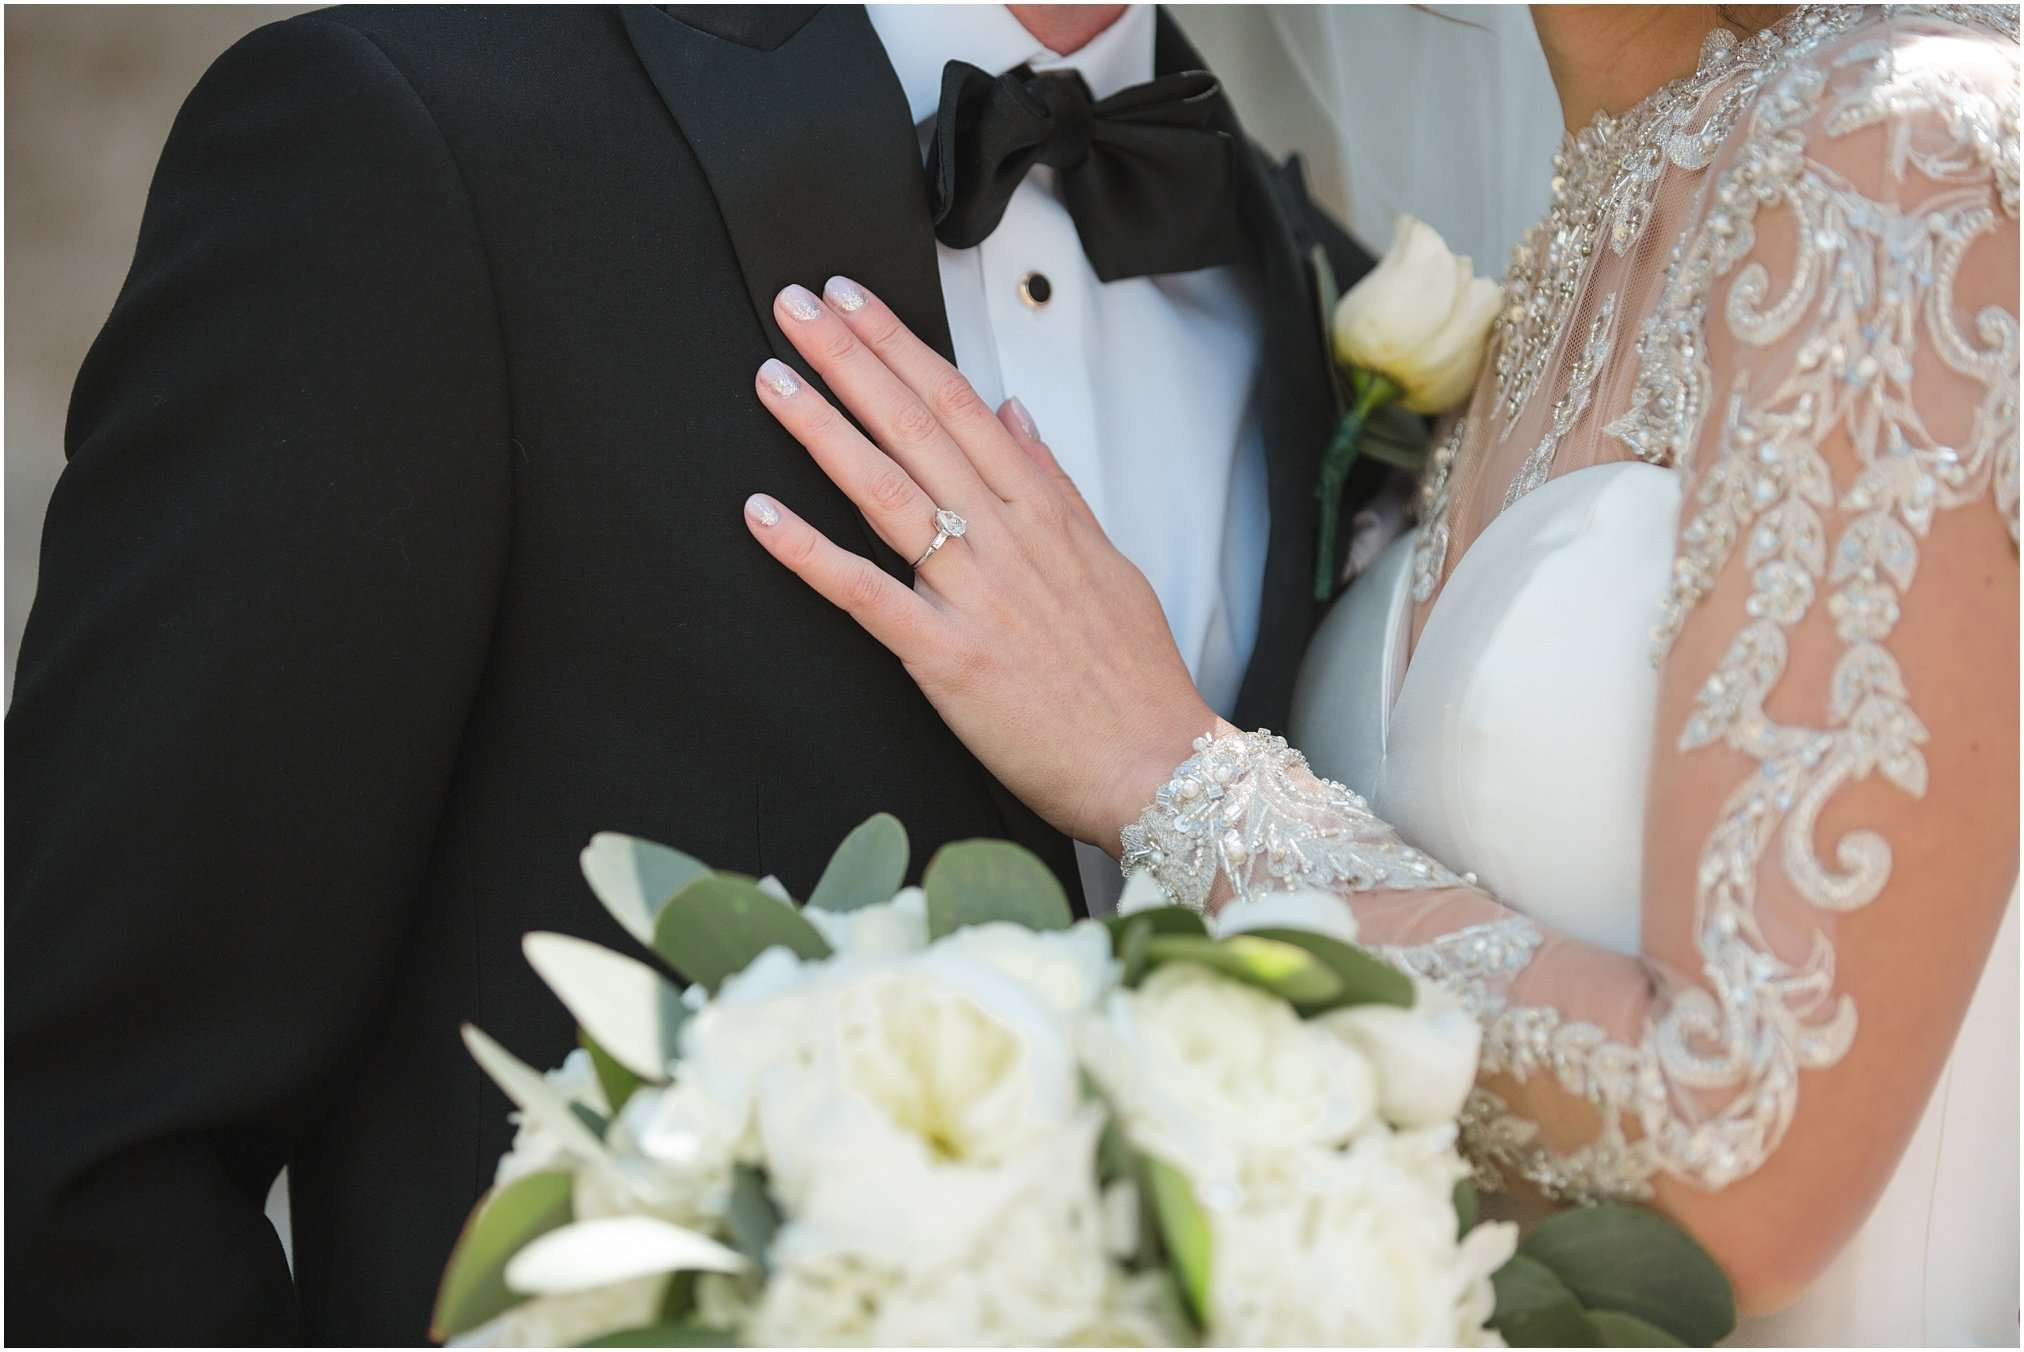 Spring Wedding at the Ohio Statehouse | Columbus Ohio Photography 78